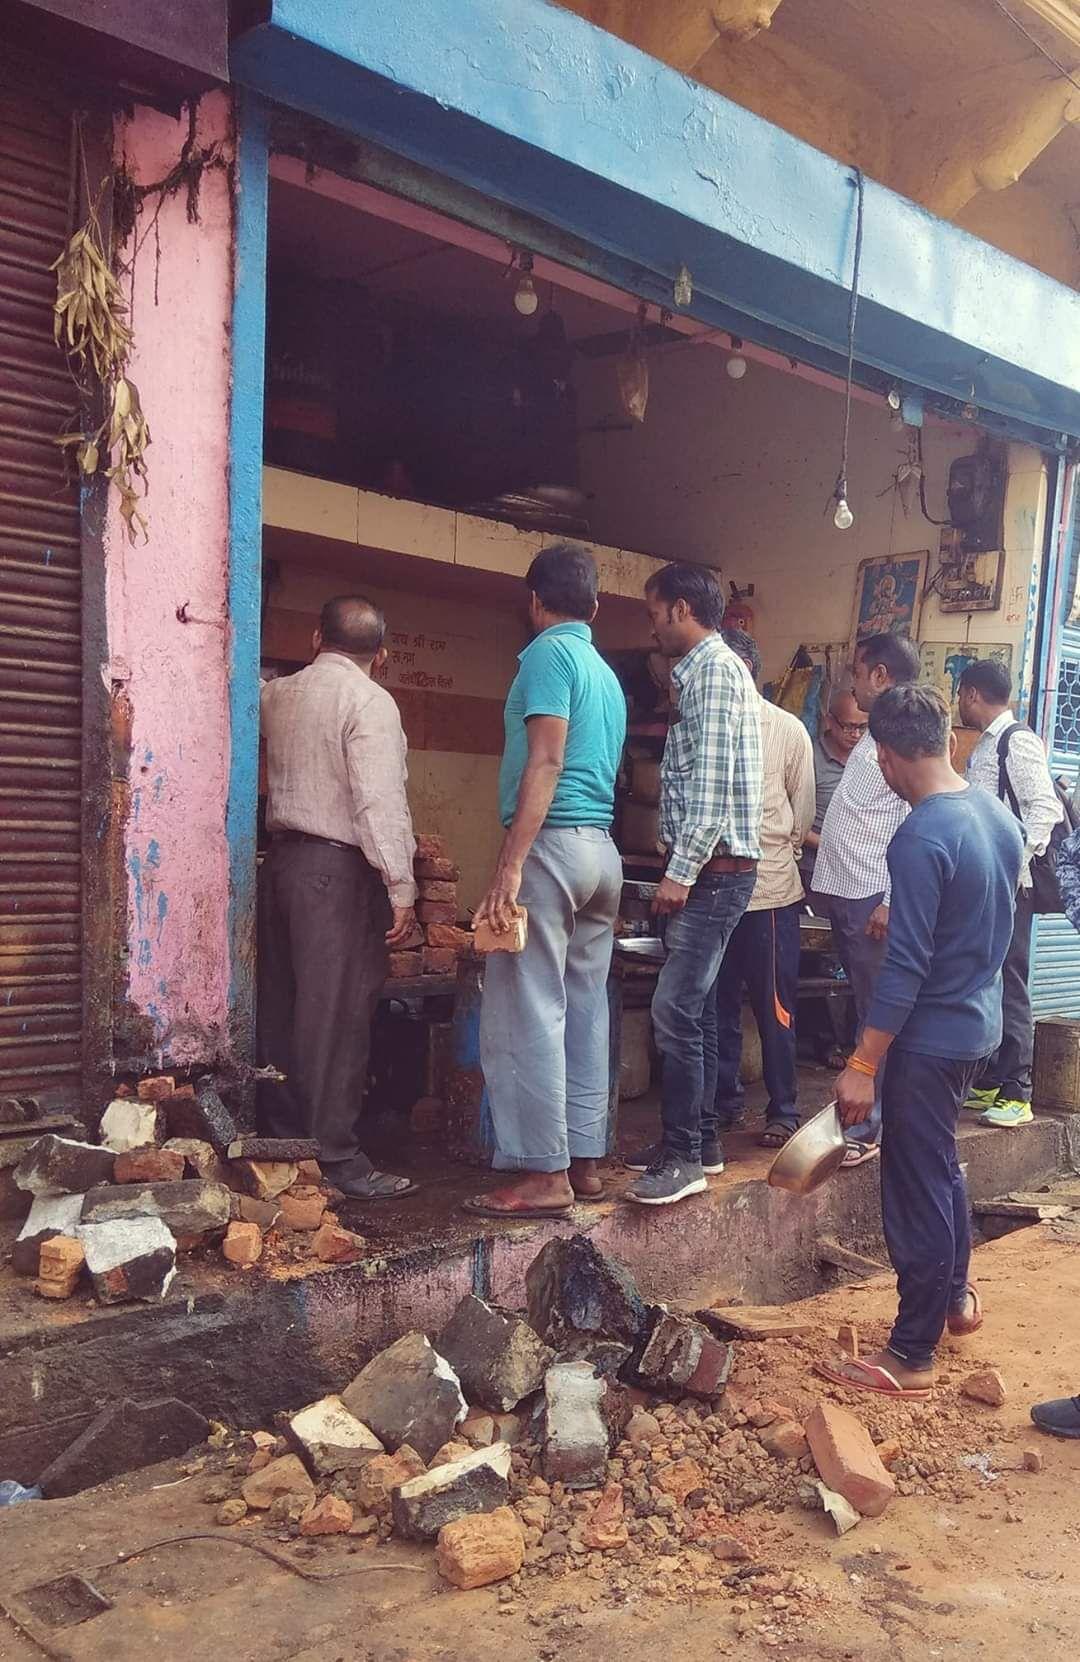 पाटनकर चौराहे पर प्रसिद्ध नाश्ते की दुकान पर निगम ने की तुड़ाई